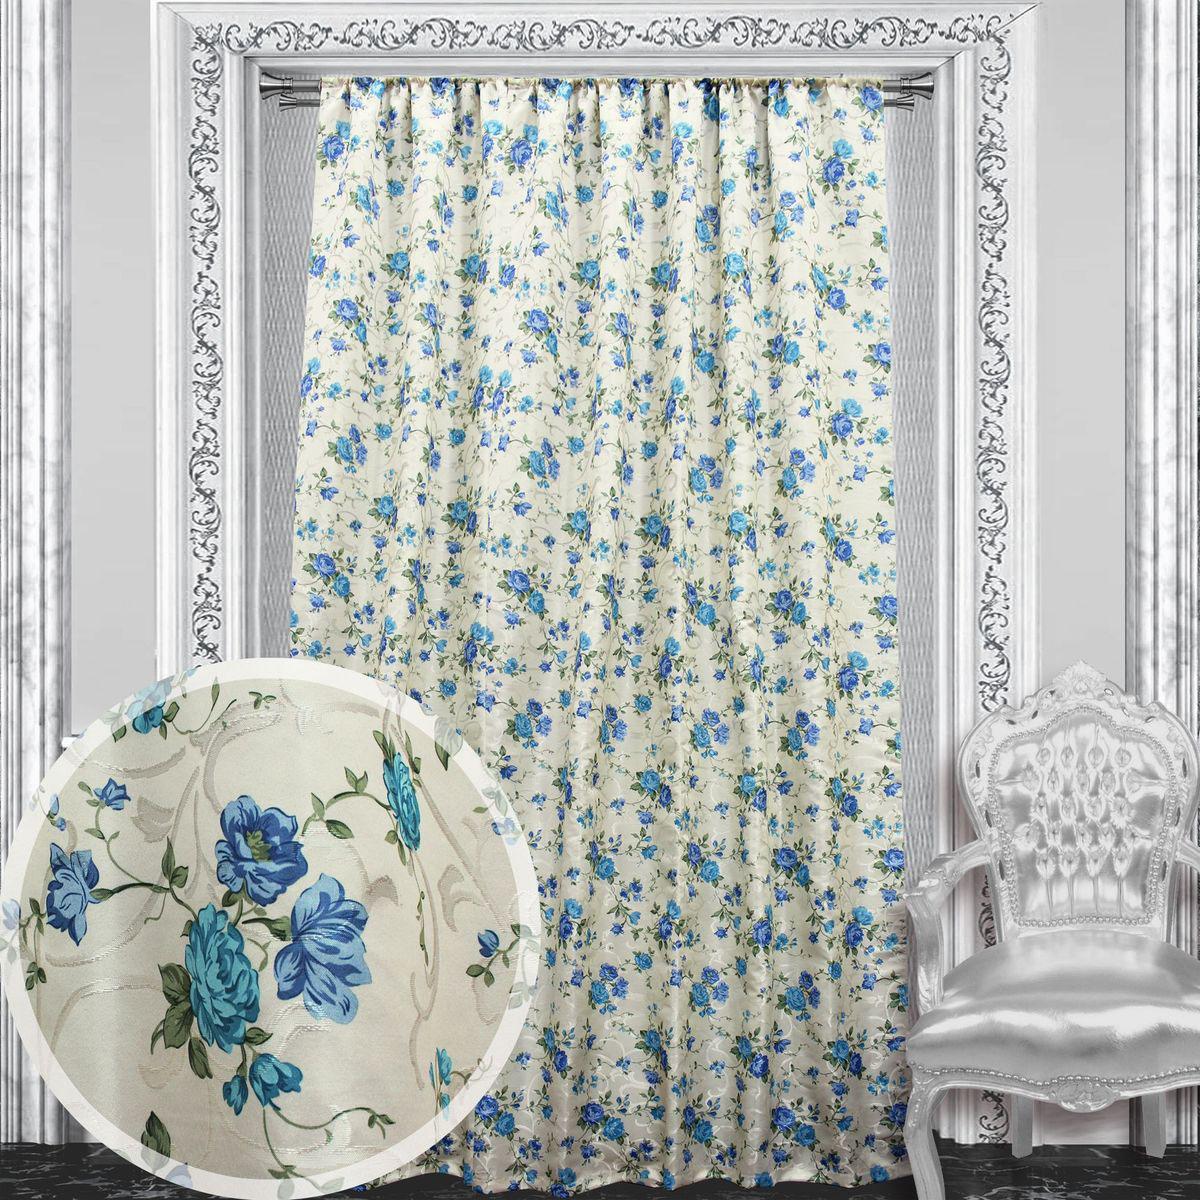 Портьера Amore Mio, 145 х 270 см, 1 шт., цвет: голубой. 8603986039